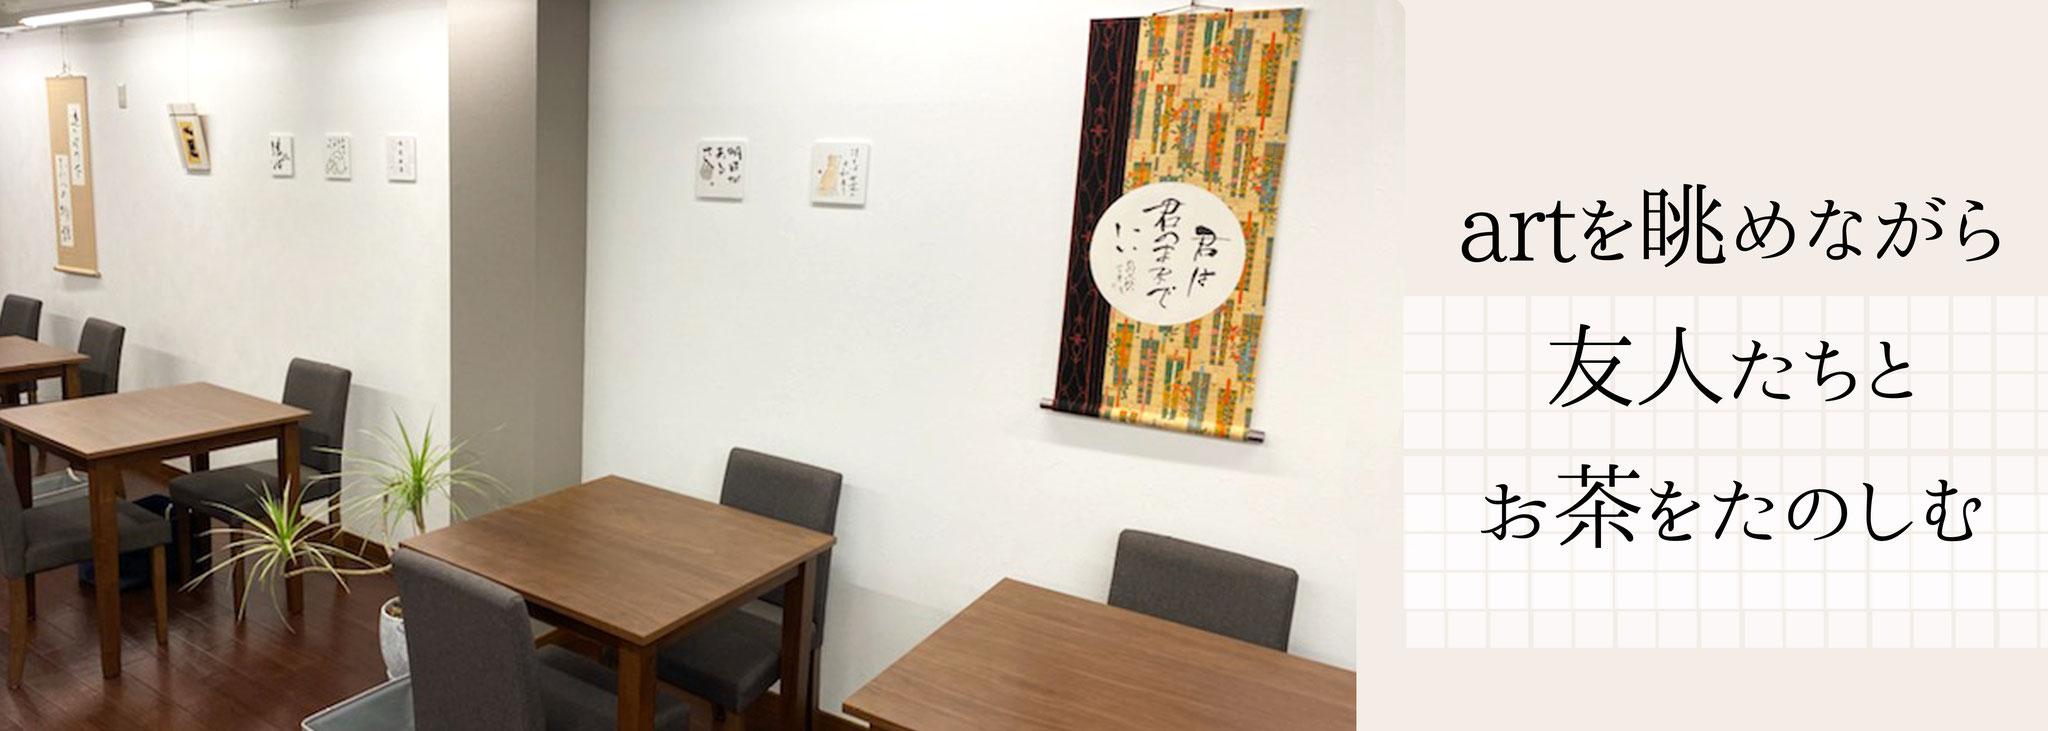 象啓書道教室 2F CAFE&GALLERY WAKU